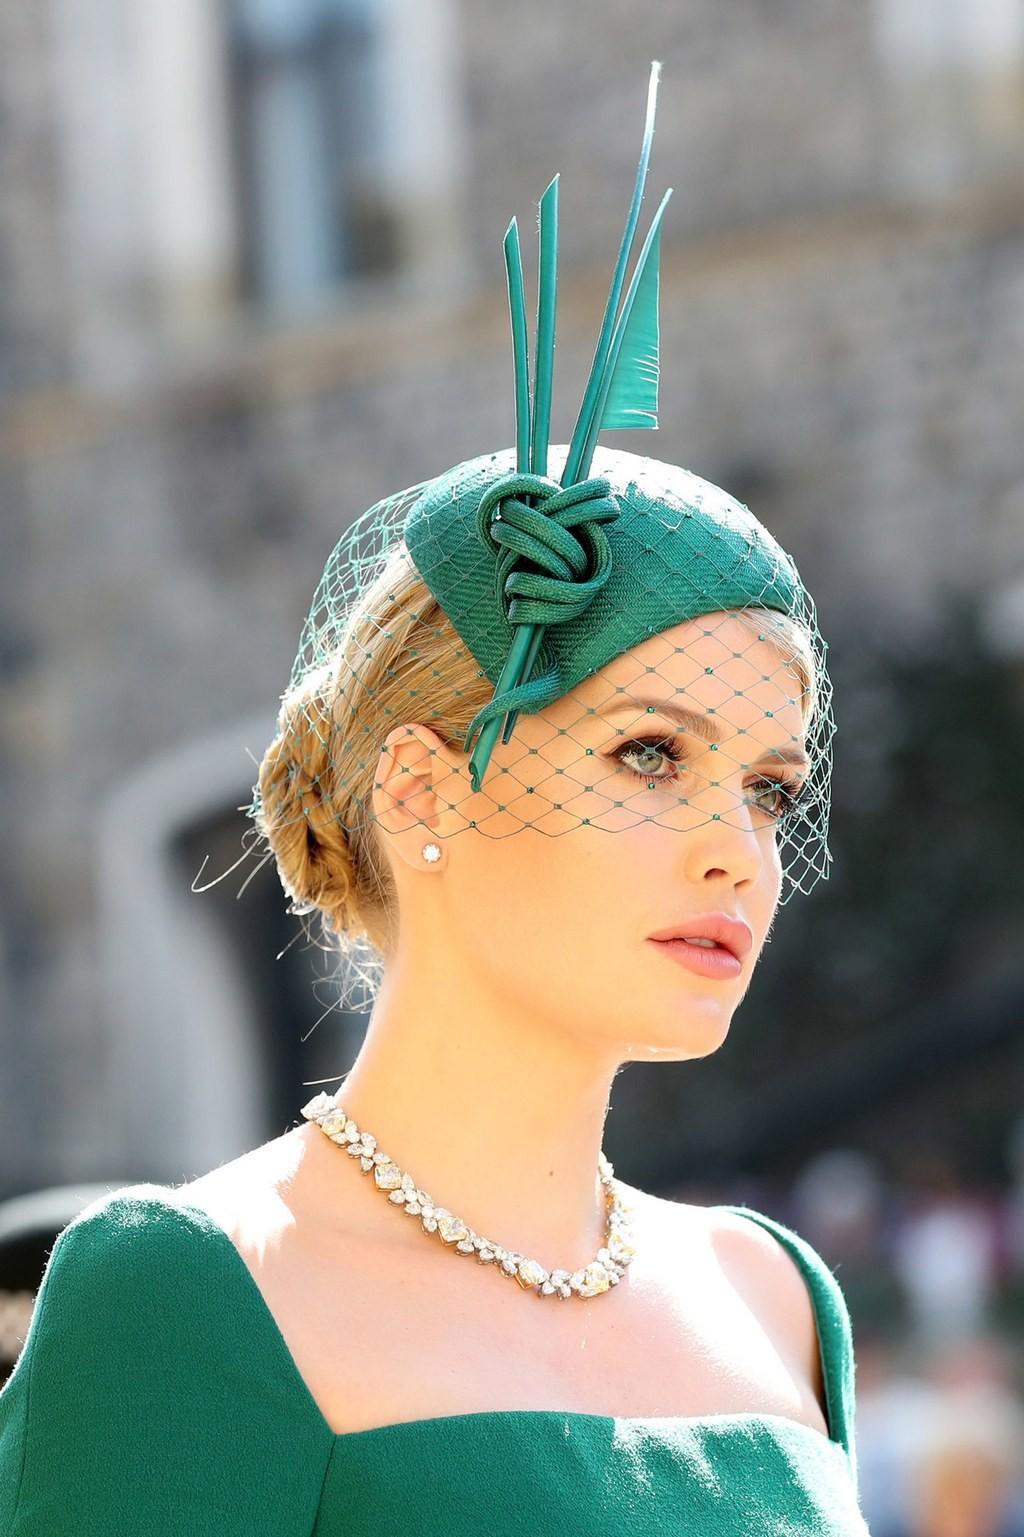 Ngắm thời trang tại đám cưới hoàng gia mà bỏ lỡ 15 chiếc mũ tinh xảo này thì bạn đã bỏ qua đặc sản rồi - Ảnh 4.